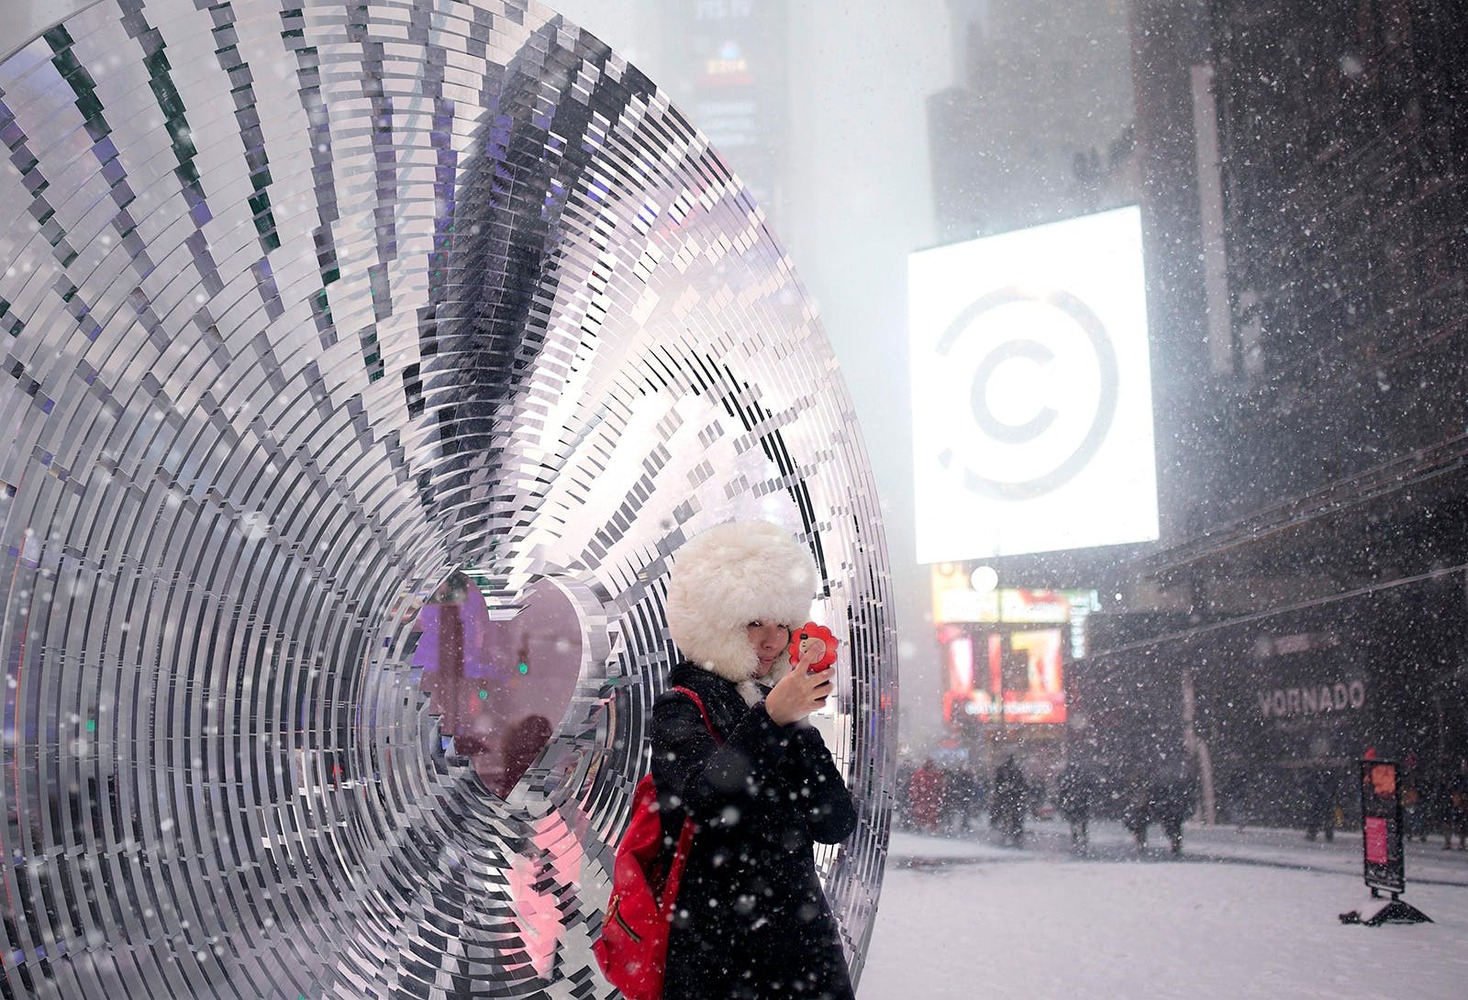 «Окно в сердце» будет построено на Таймс Сквер на День святого Валентина